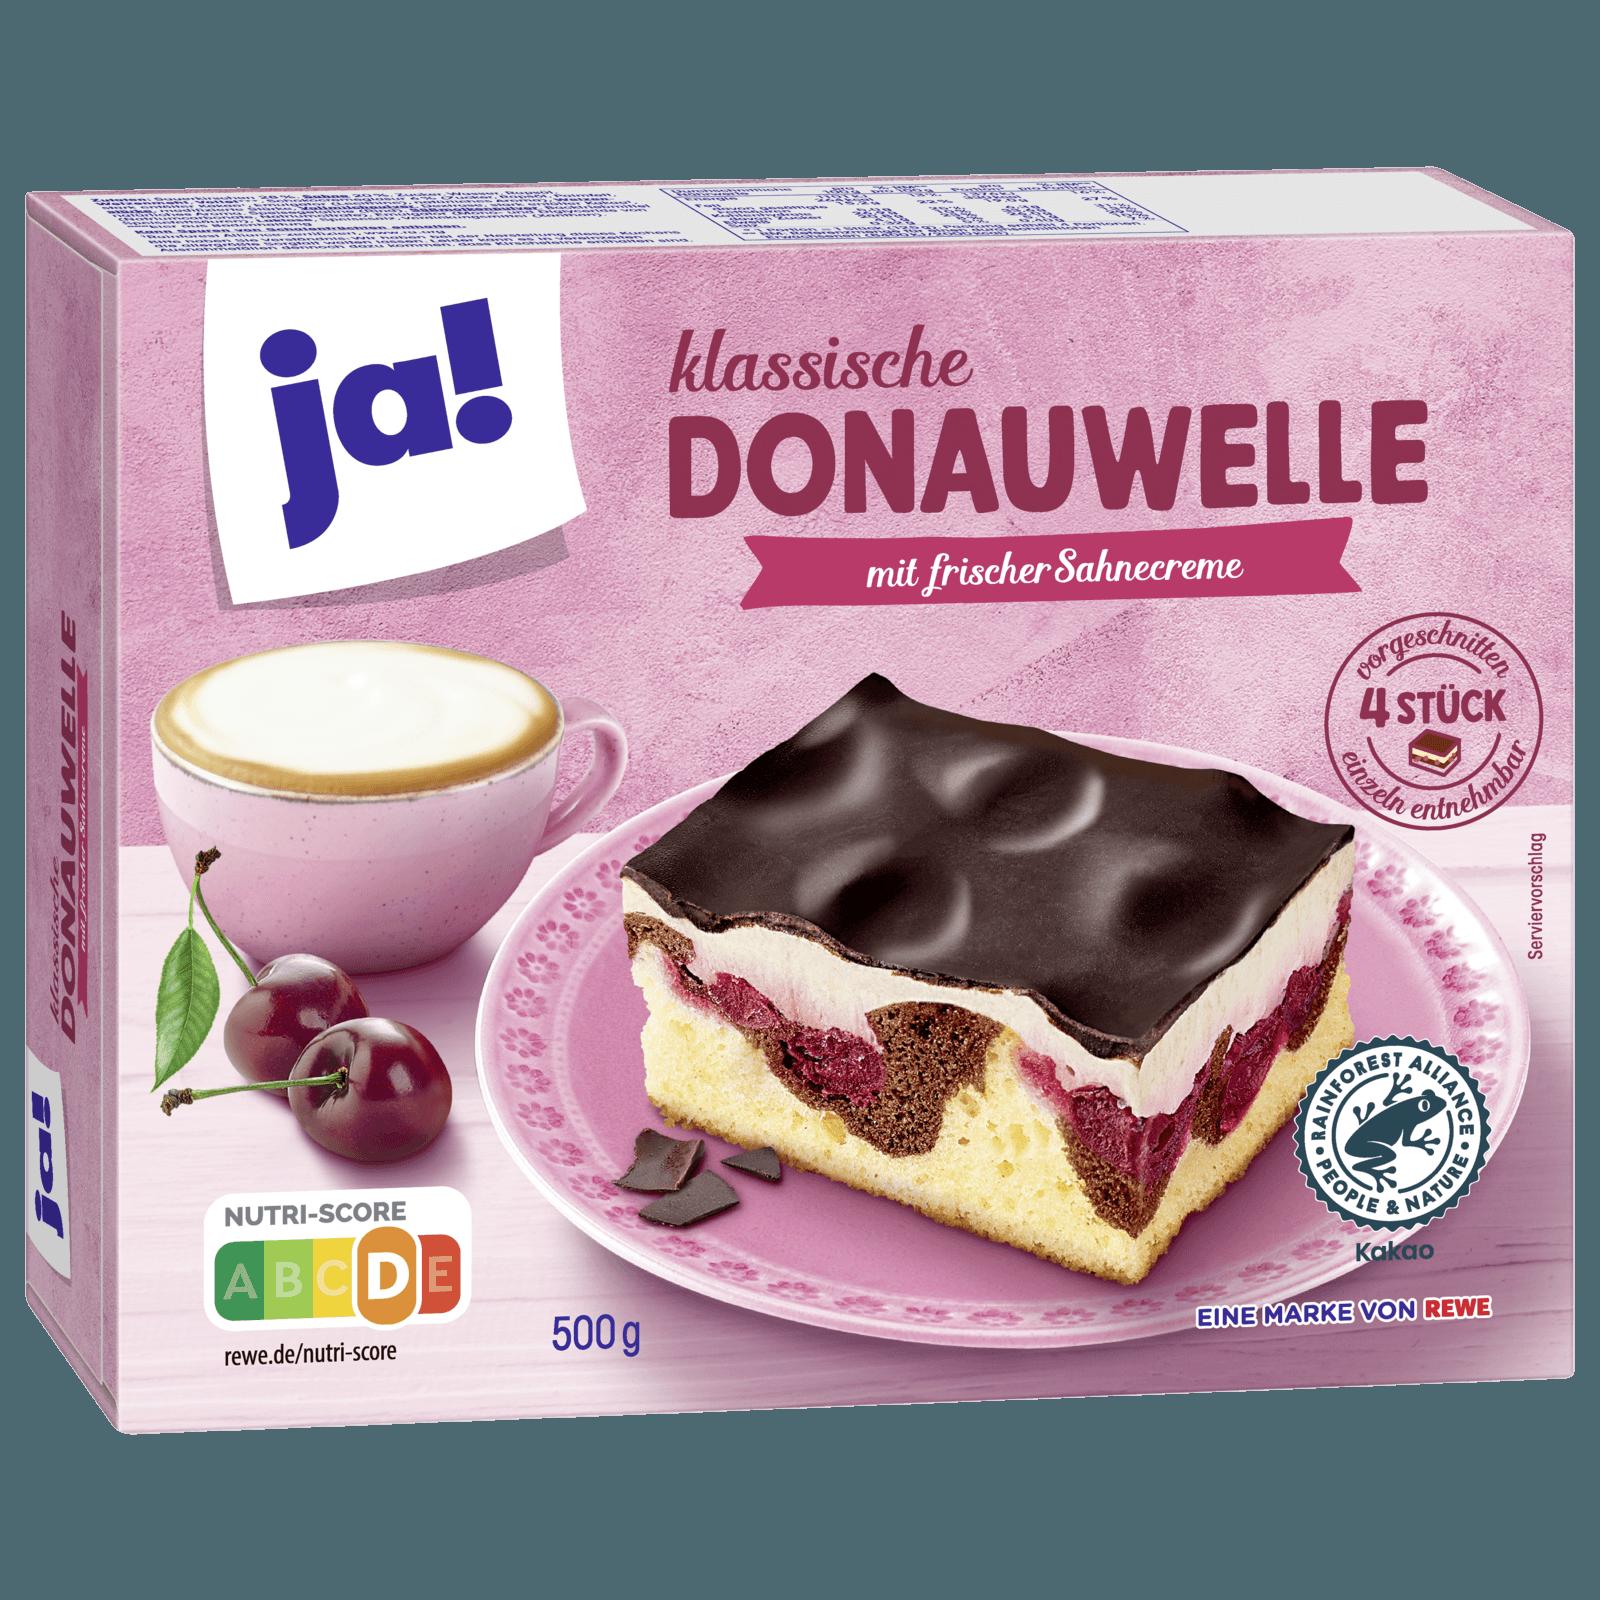 Ja Donauwelle 500g Bei Rewe Online Bestellen Rewe De